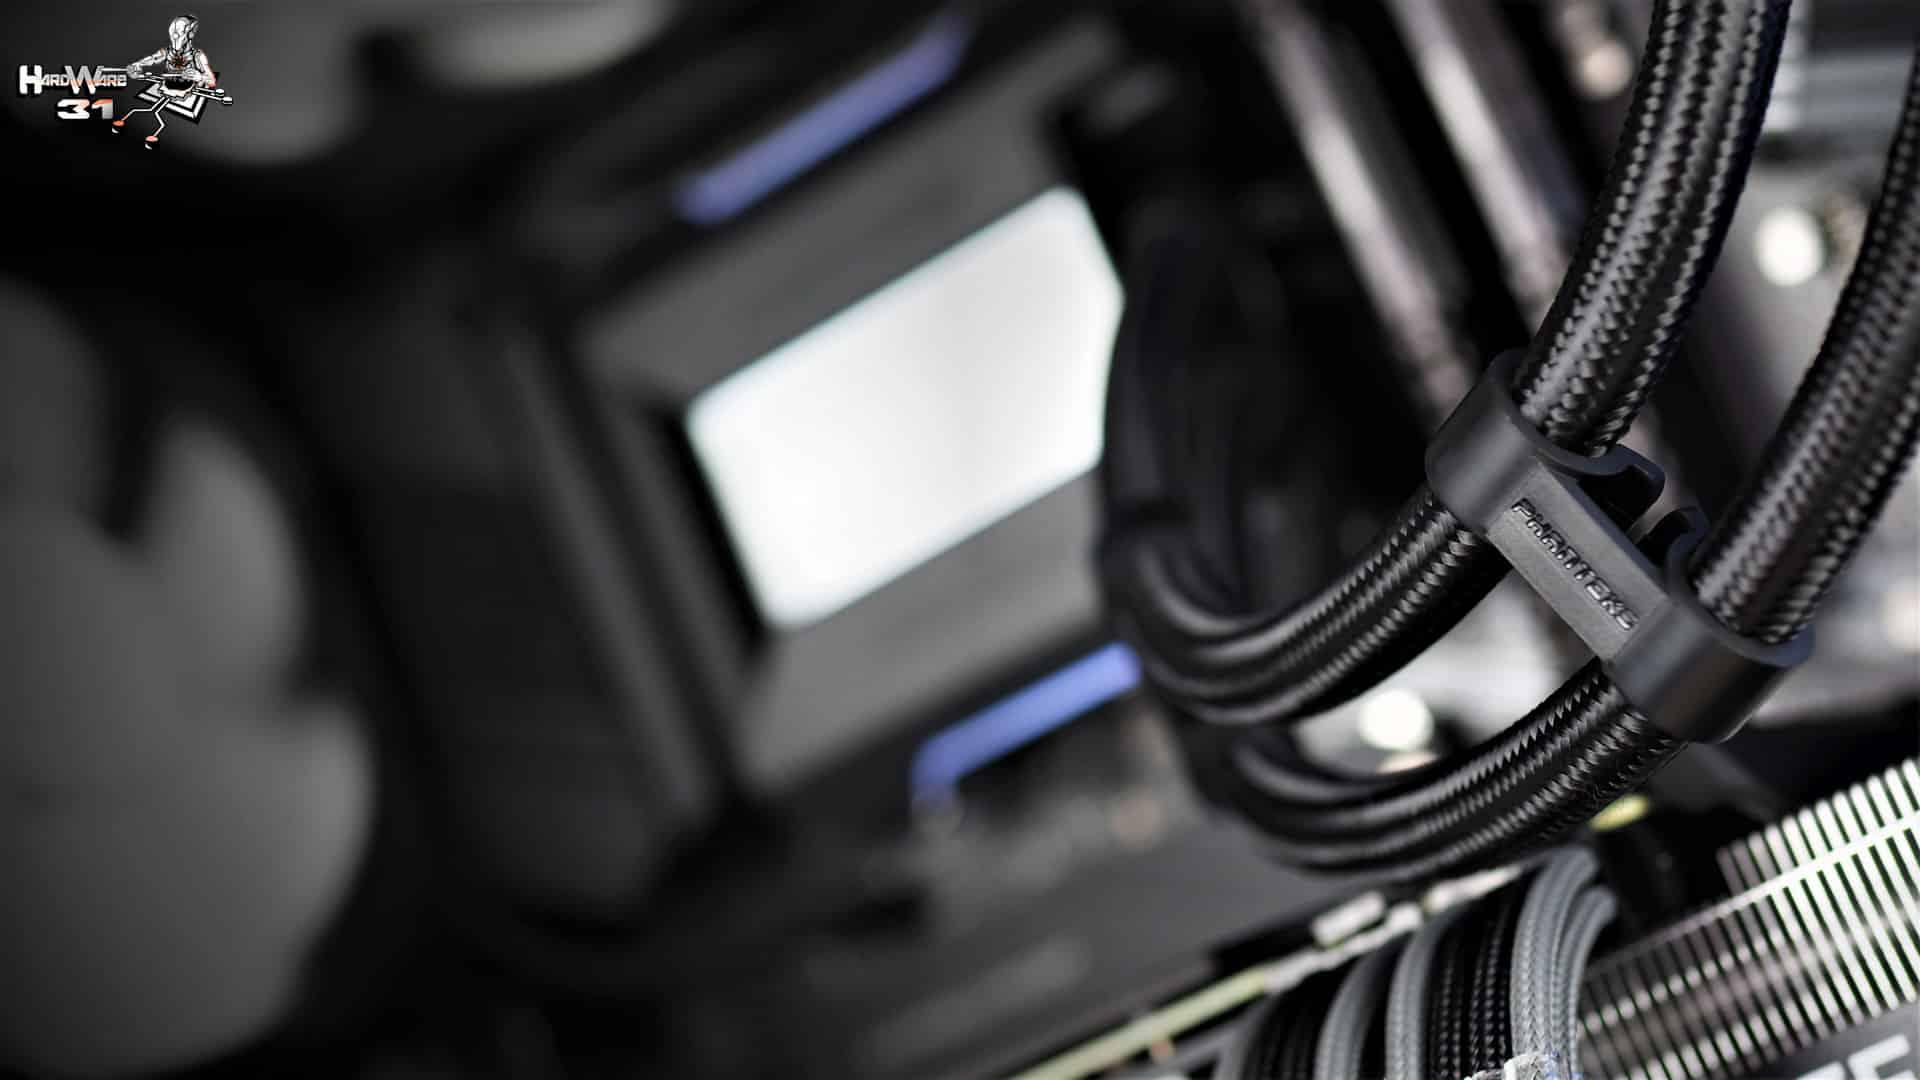 Les clips de l'AIO Phanteks glacier ONE utilisés dans ce montage client effectué avec le configurateur PC Hardware31